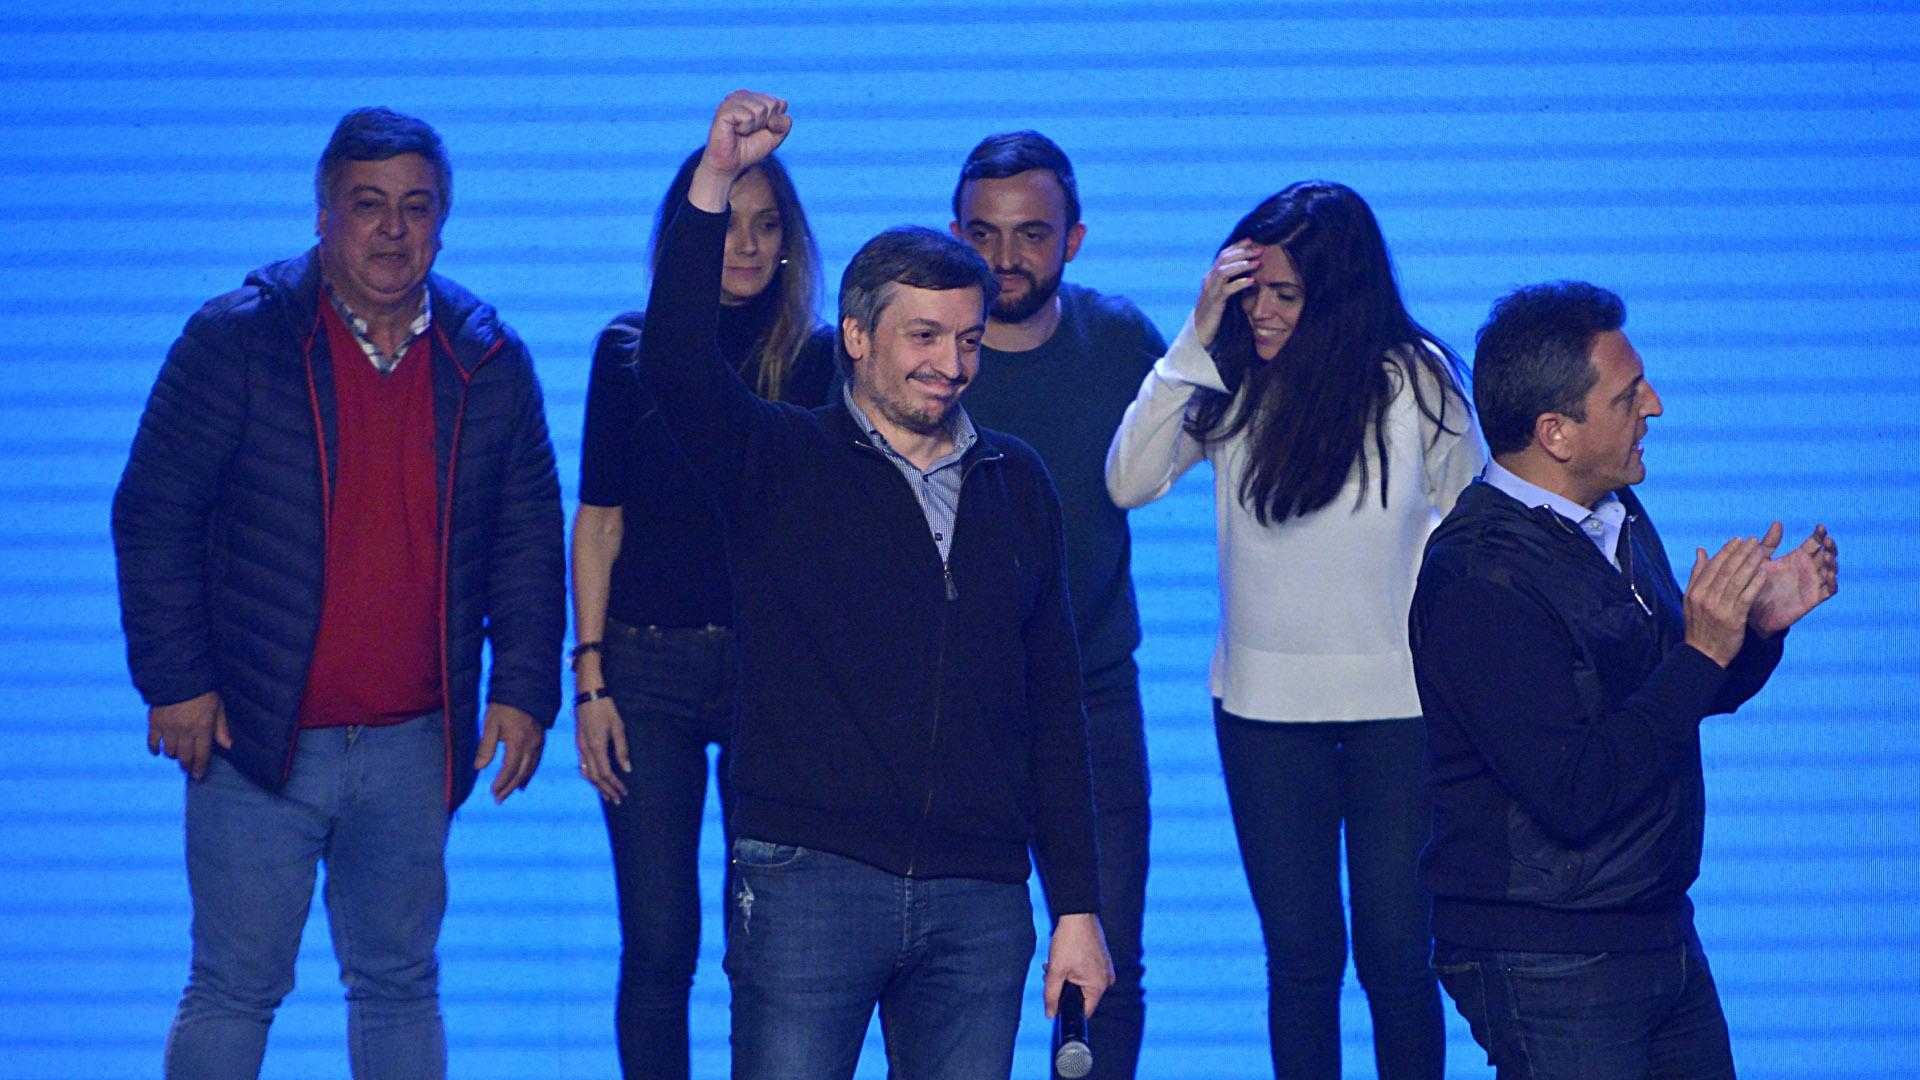 Máximo Kirchner se mostró emocionado con la victoria del Frente de Todos (Gustavo Gavotti)